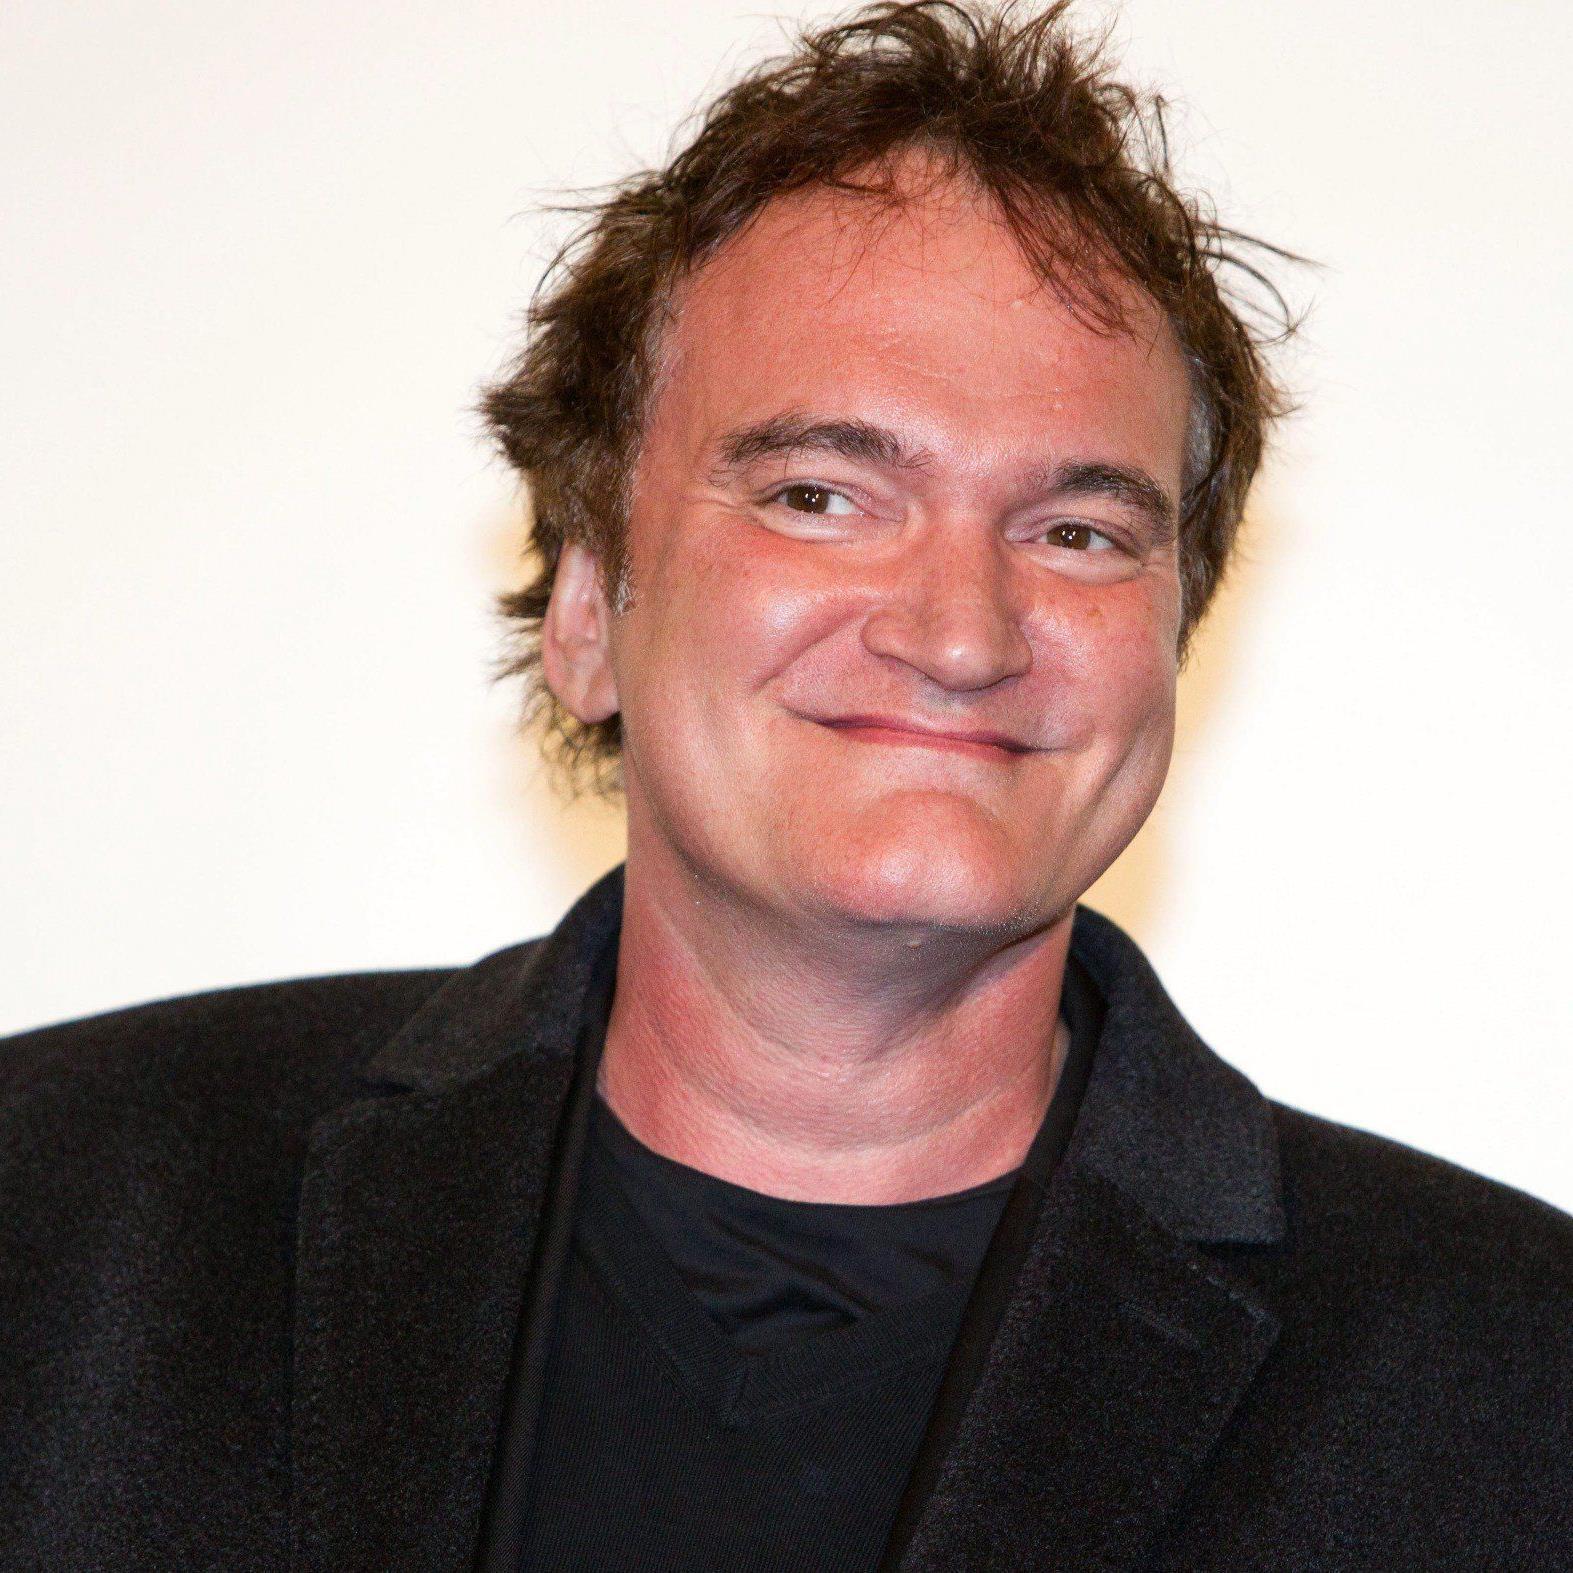 """Gestohlenes Cabrio aus Quentin Tarantinos Kult-Film """"Pulp Fiction"""" wieder aufgetaucht."""